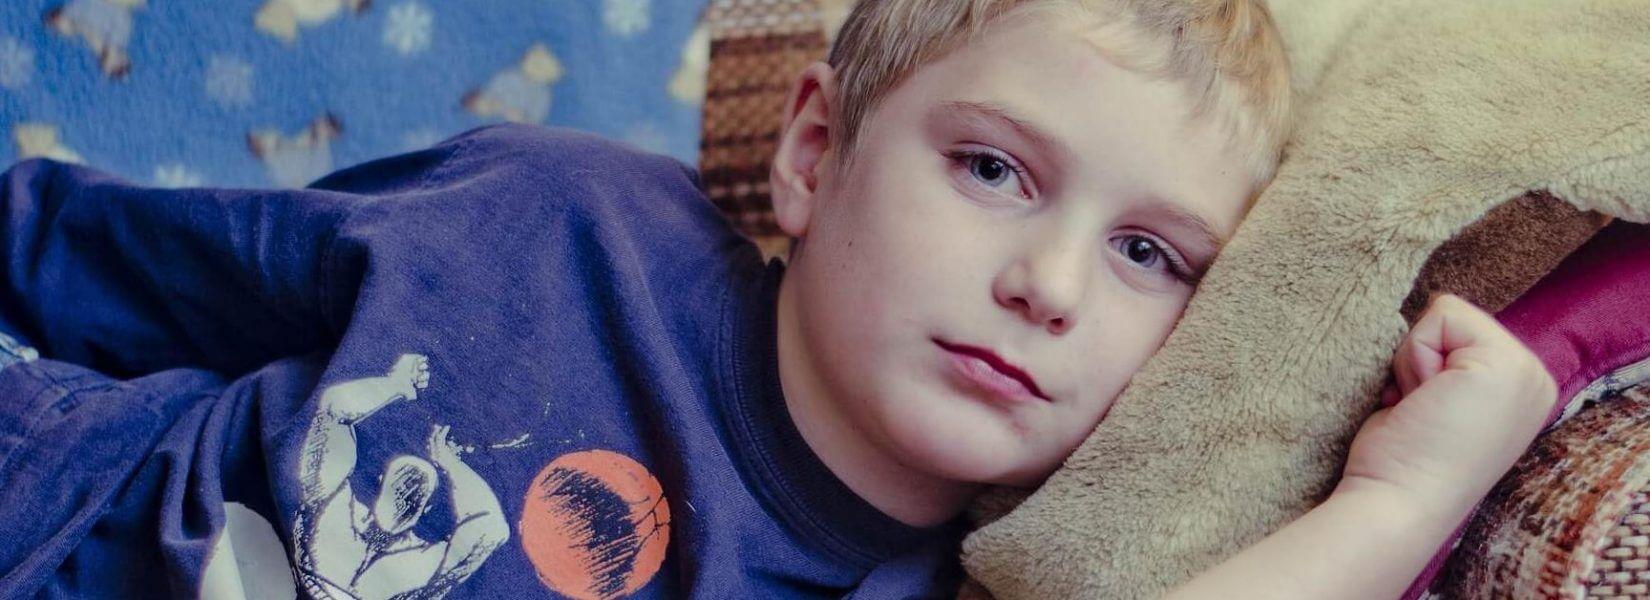 Πως παίρνουμε την θερμοκρασία σε ένα βρέφος ή παιδί;